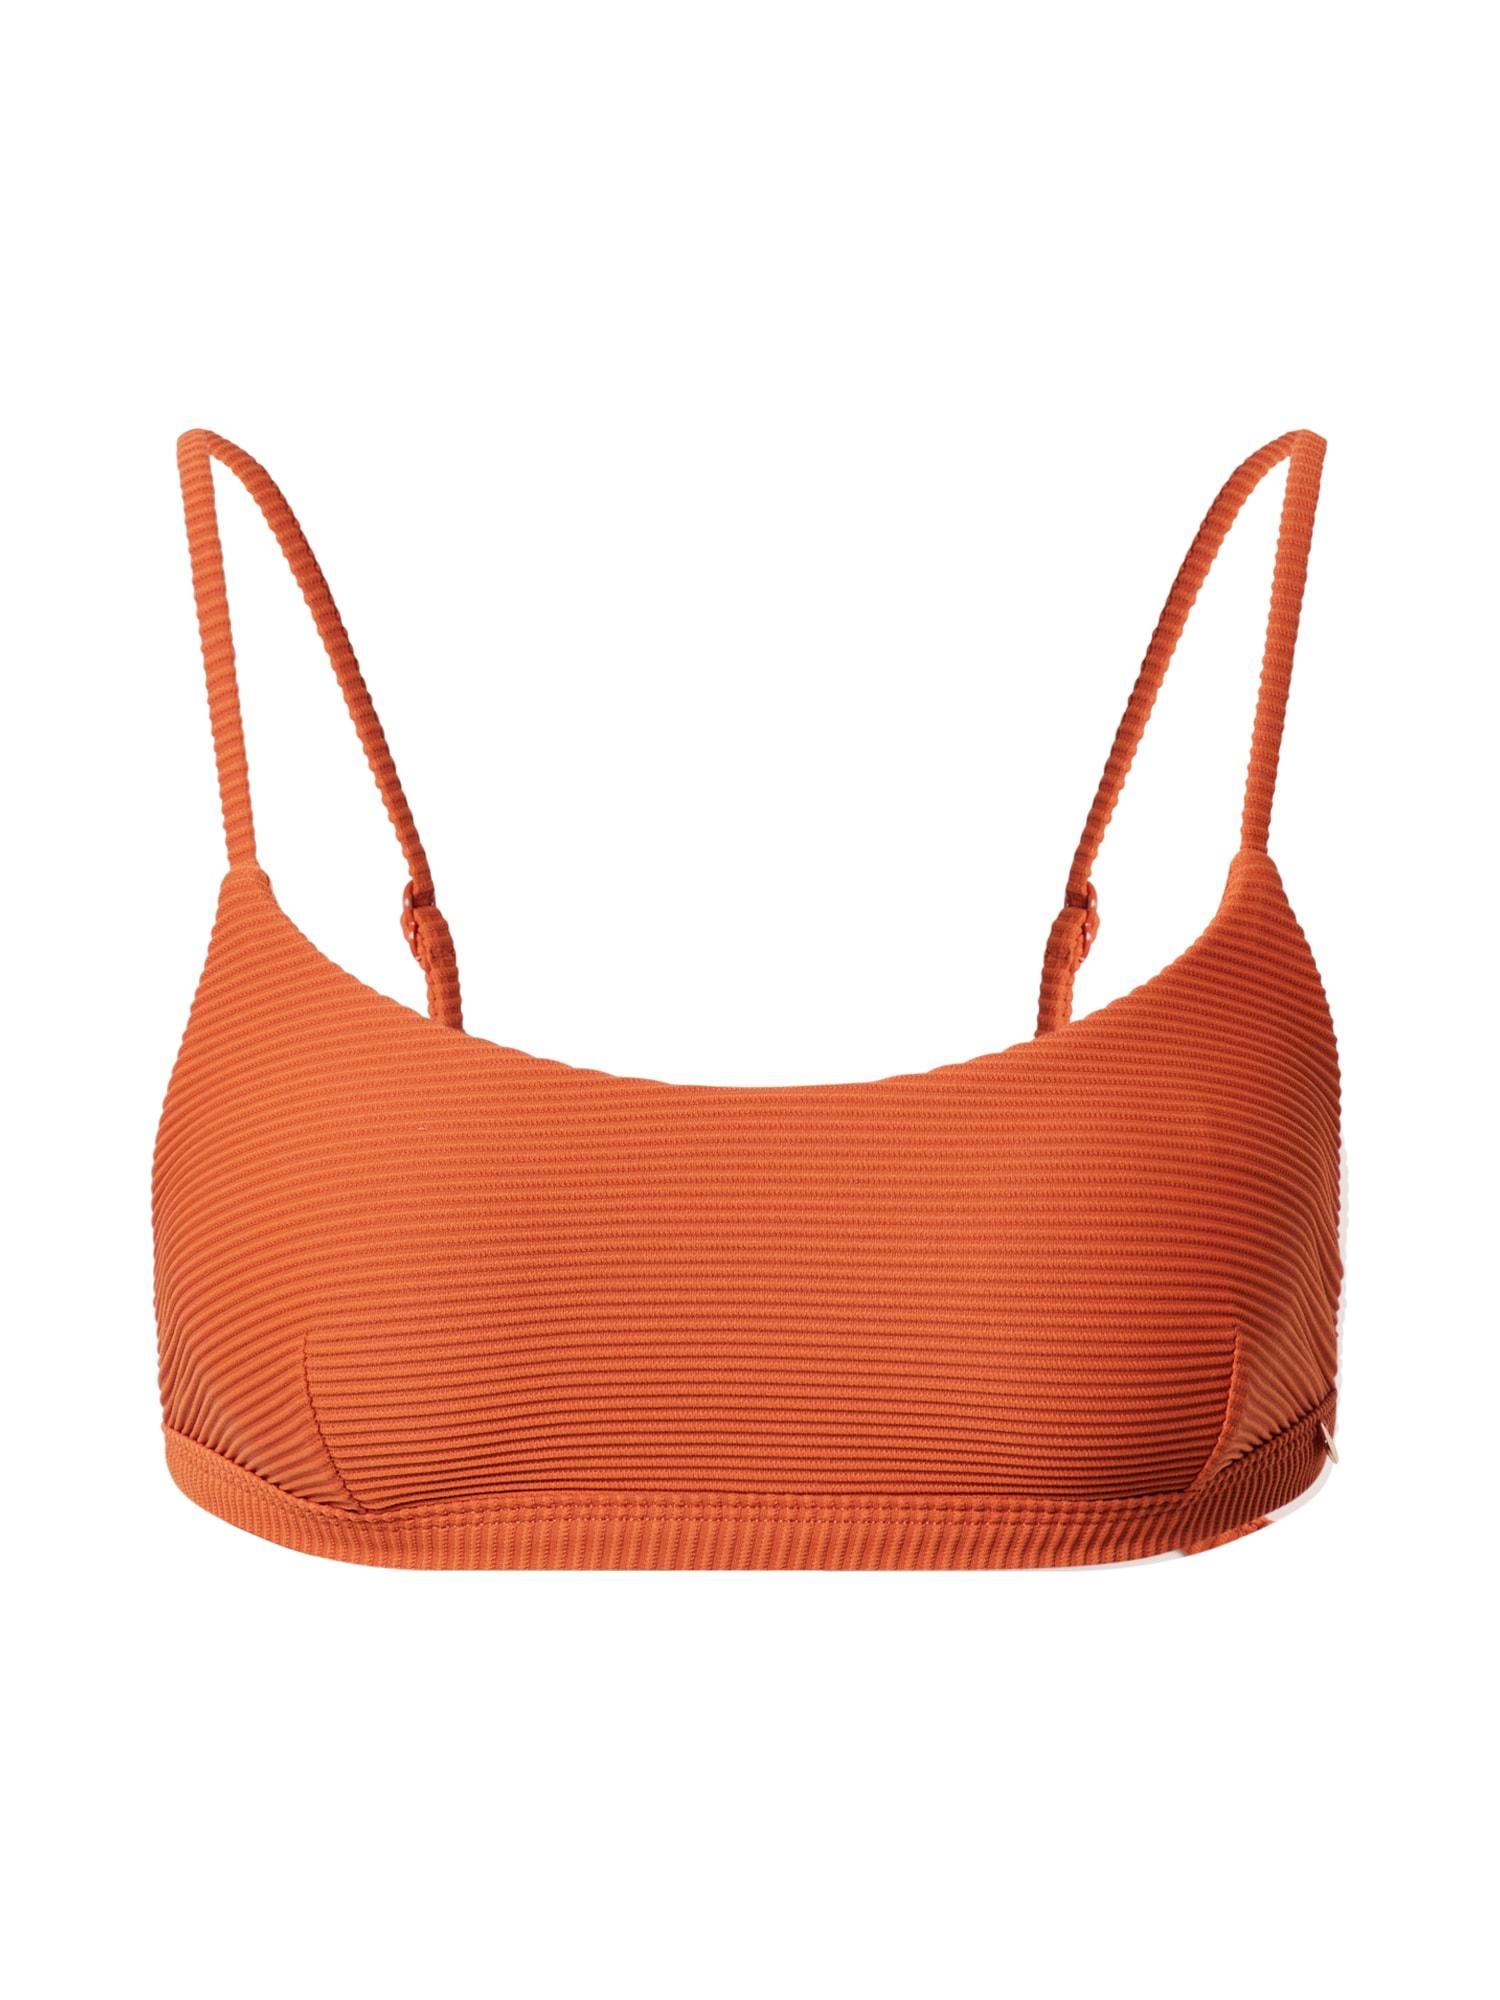 Seafolly Bikinio viršutinė dalis oranžinė